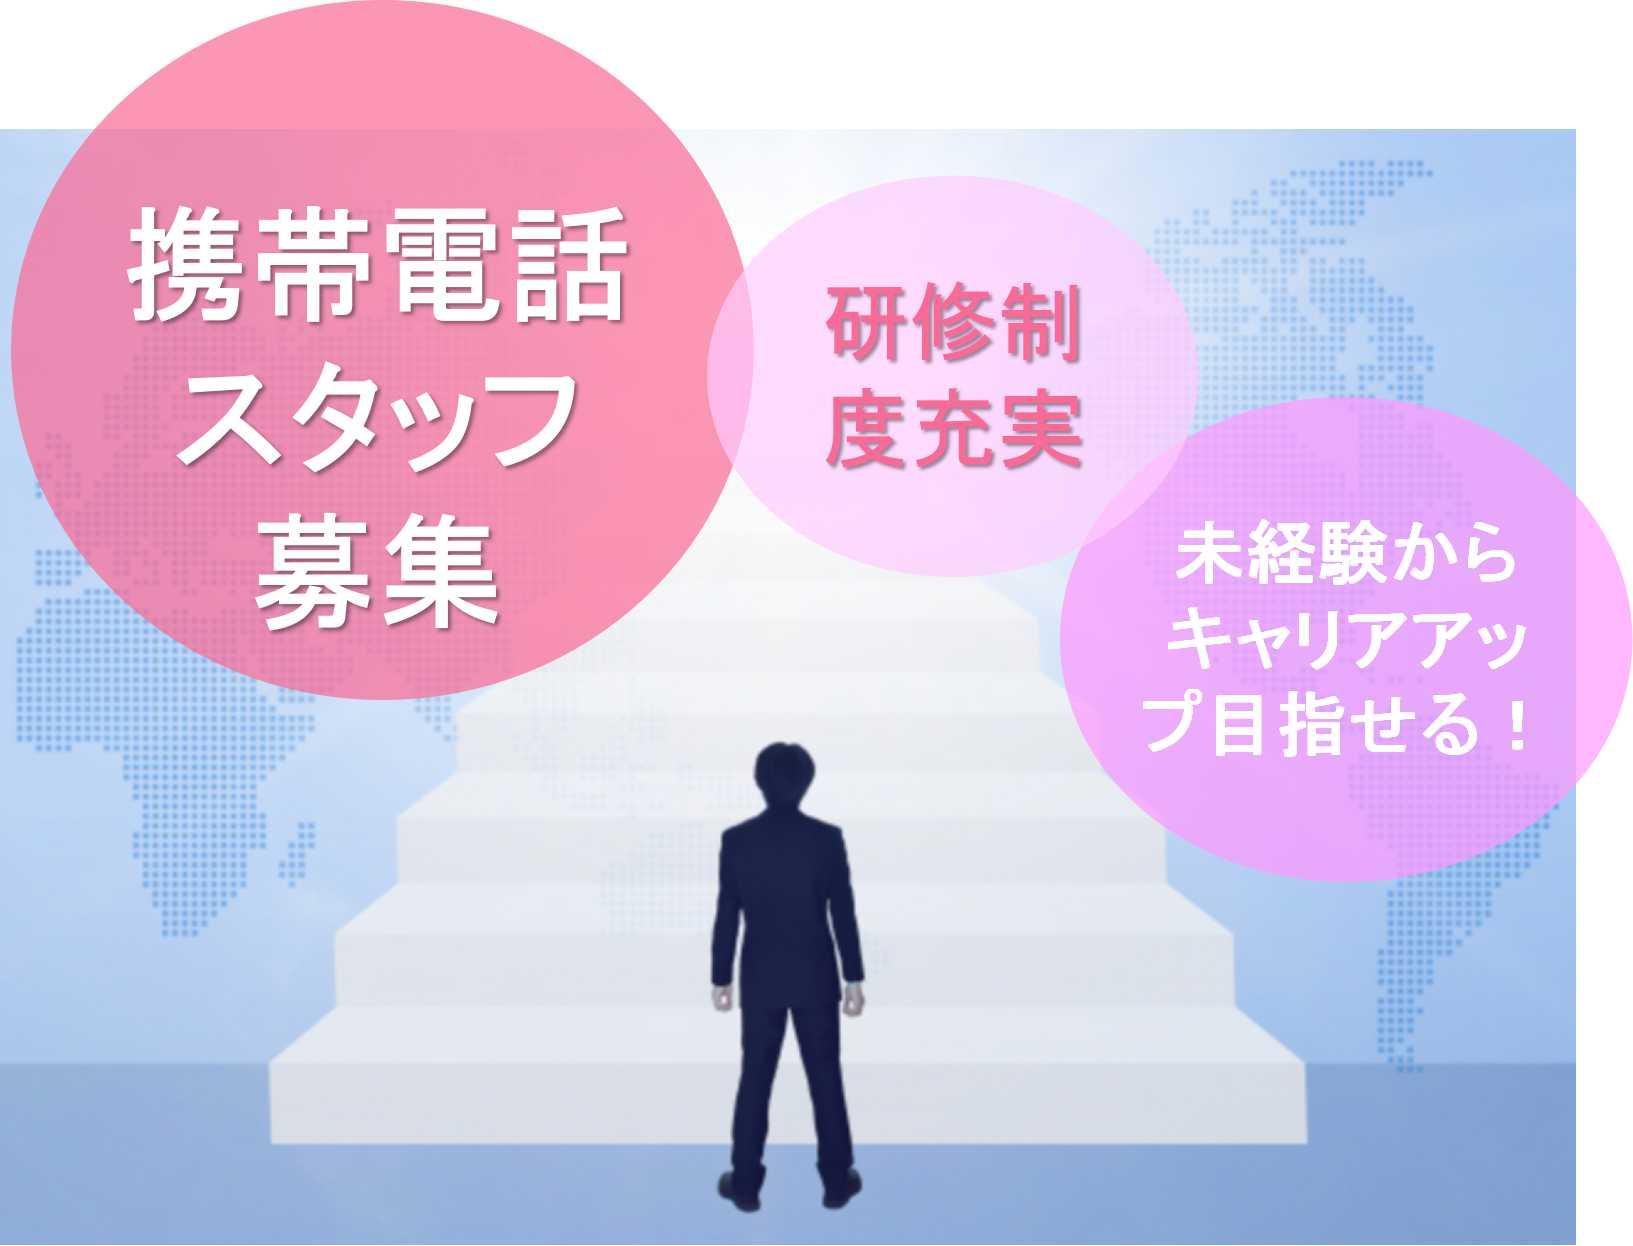 【名古屋市中区】賞与・昇給あり!キャリアアップもできる!携帯電話スタッフ【即面談可能】 イメージ